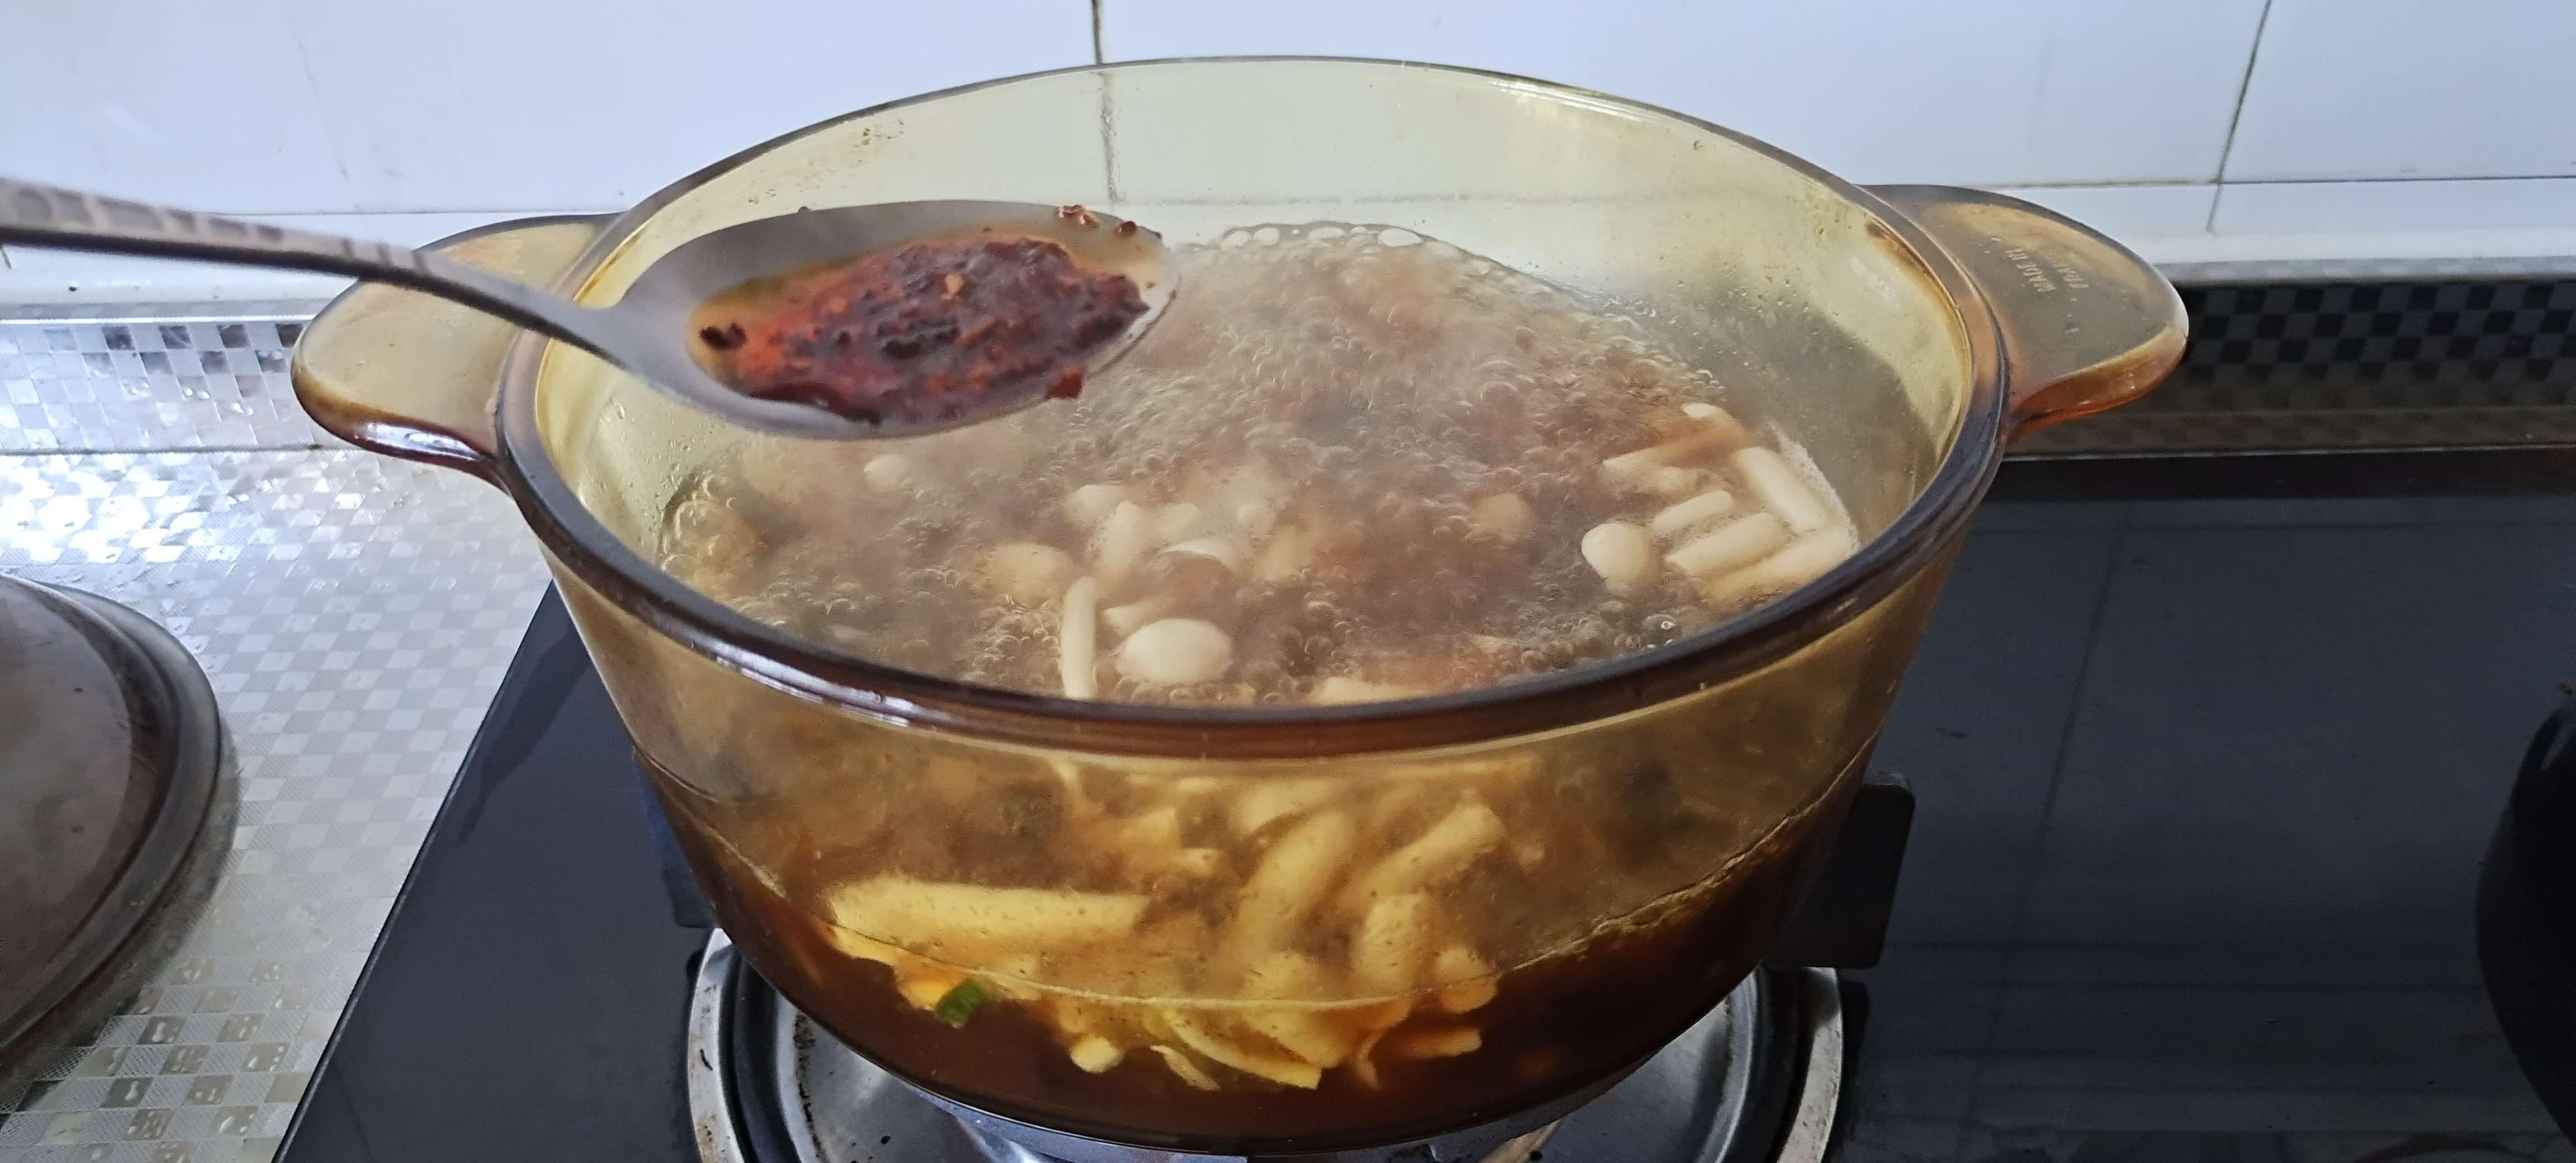 秋冬季的一碗暖身汤…酸辣豆腐羹怎么炖